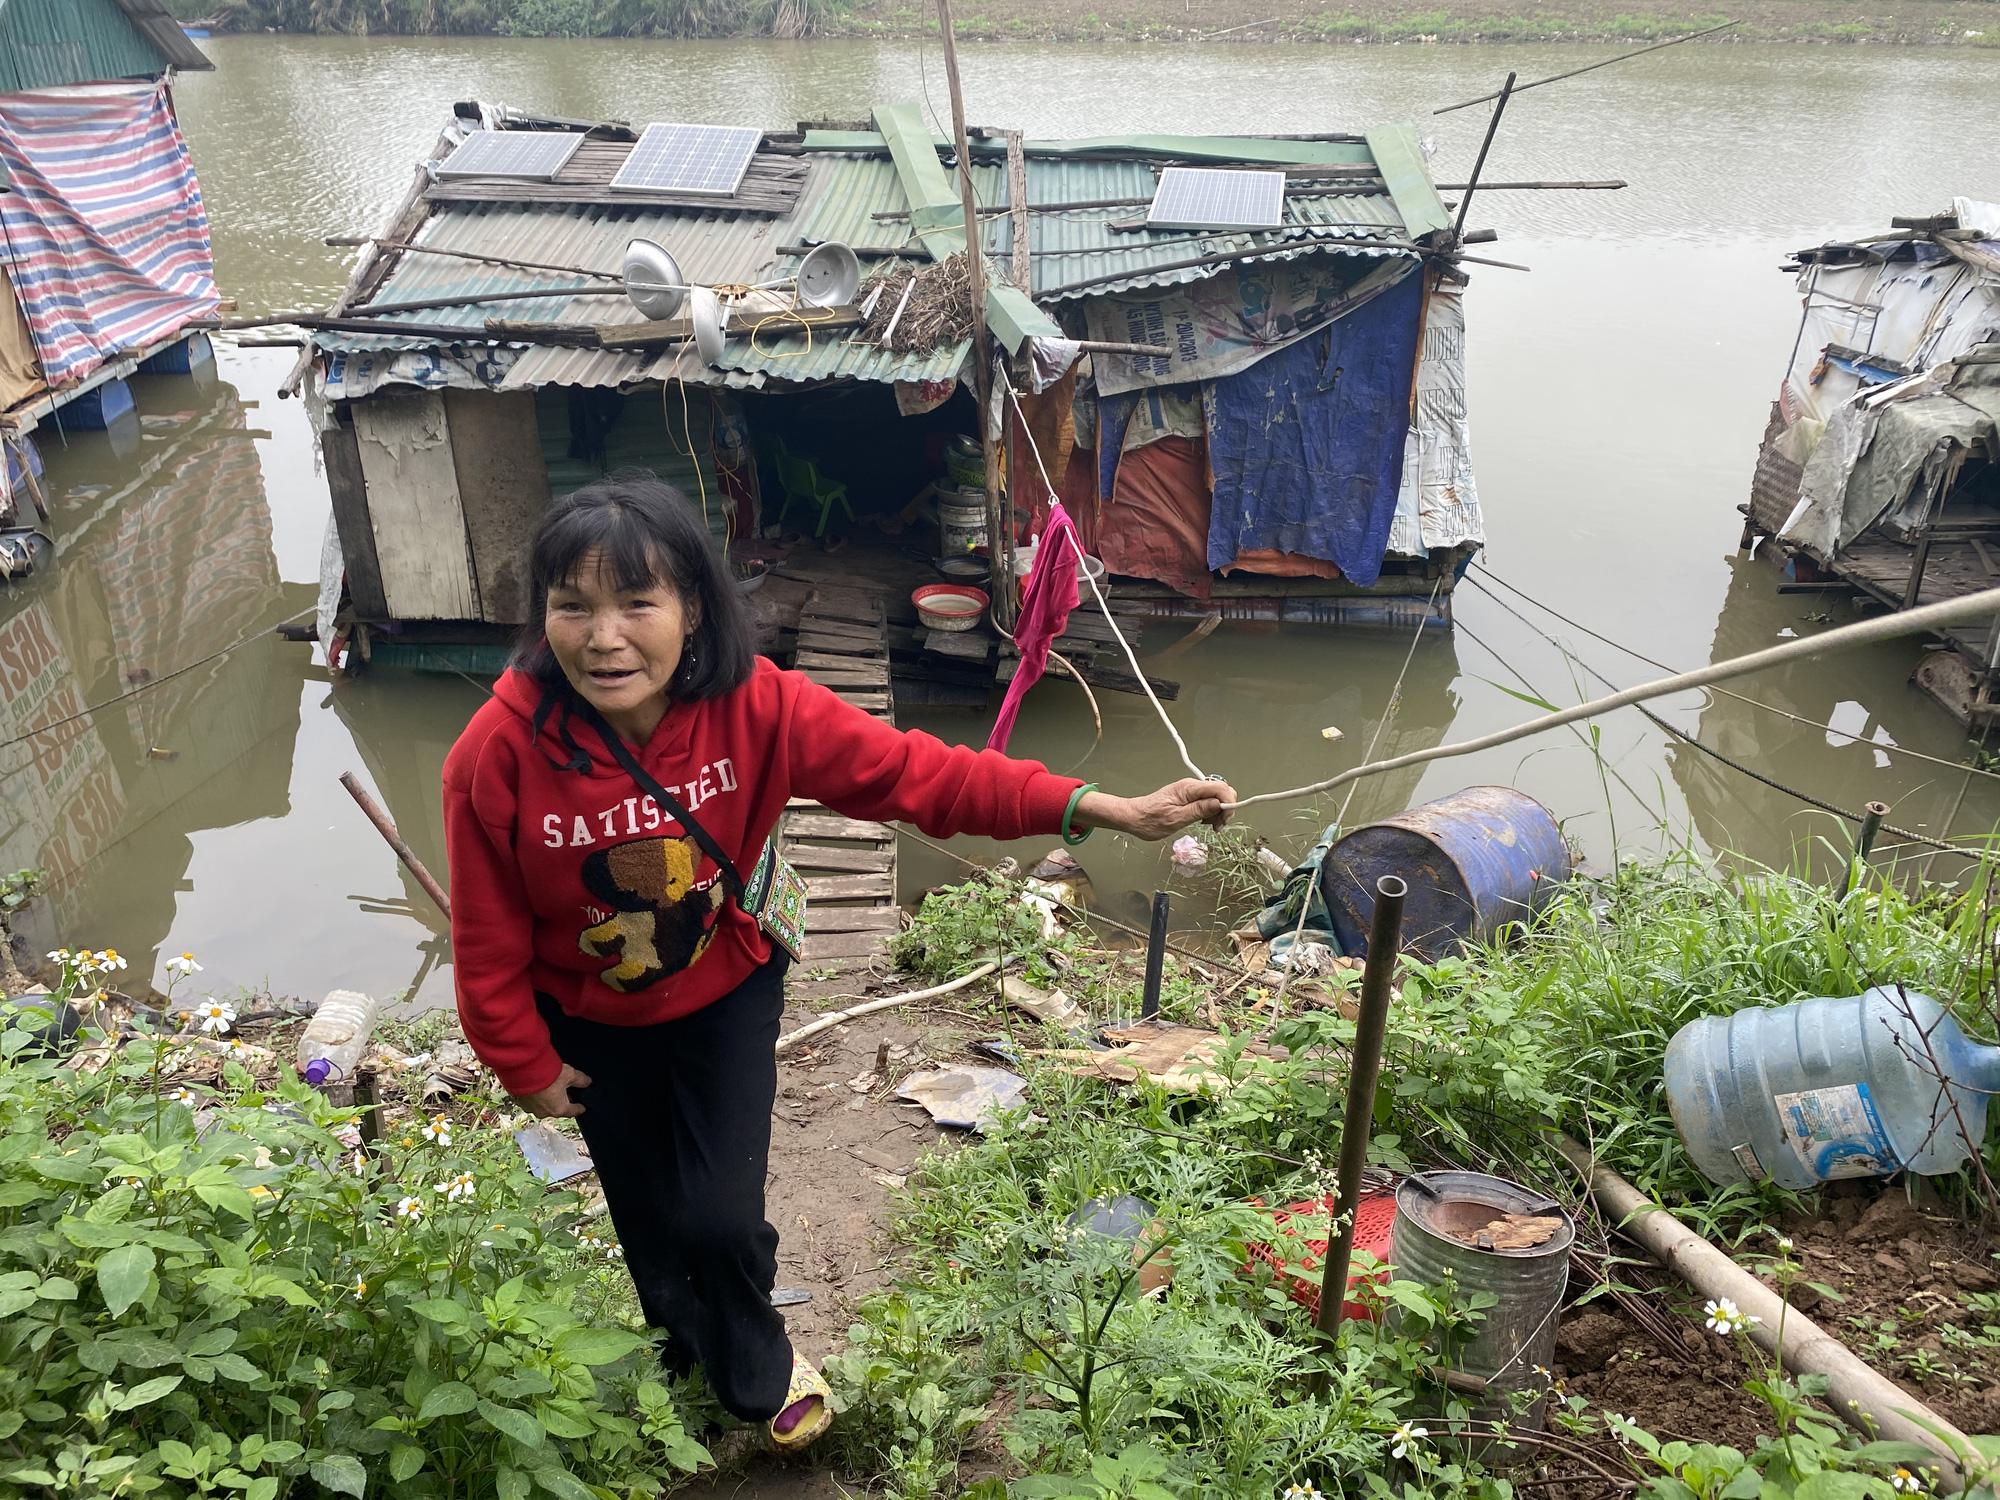 Cuộc sống cùng cực của người dân xóm chài Hà Nội và nỗi lo quy hoạch - Ảnh 4.